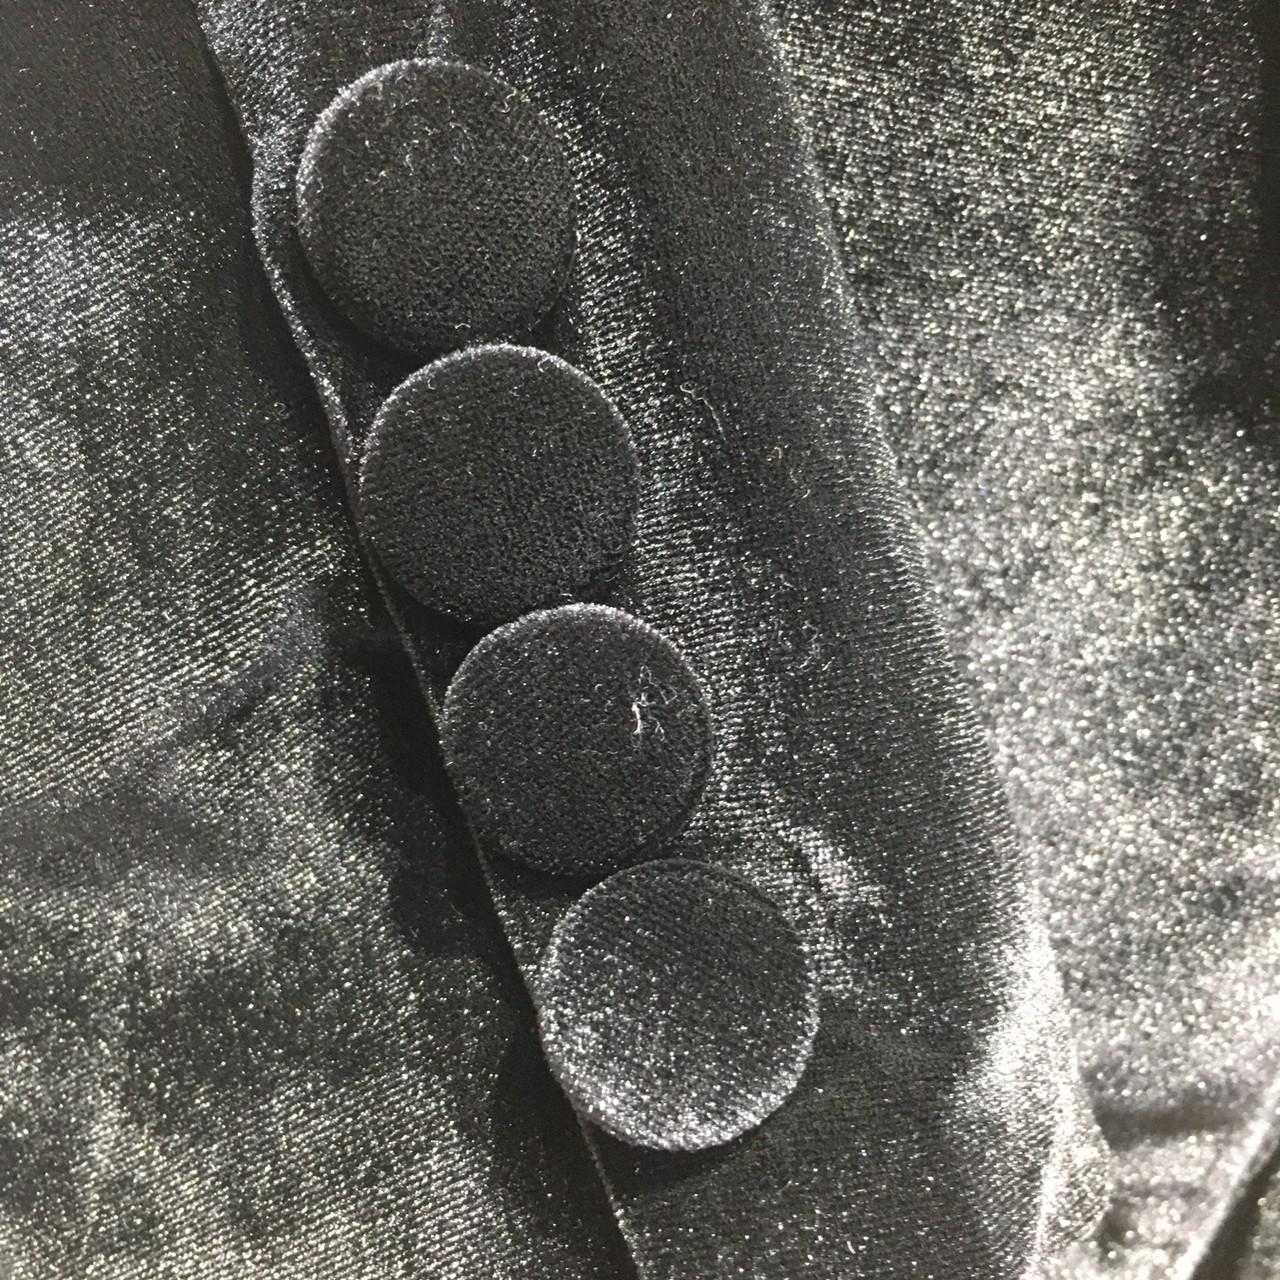 【即納】韓国 ファッション パンツ セットアップ パーティードレス 結婚式 お呼ばれドレス 秋 冬 パーティー ブライダル SPTXH554  起毛 ドレープ テーラードジャ 二次会 セレブ きれいめの写真18枚目